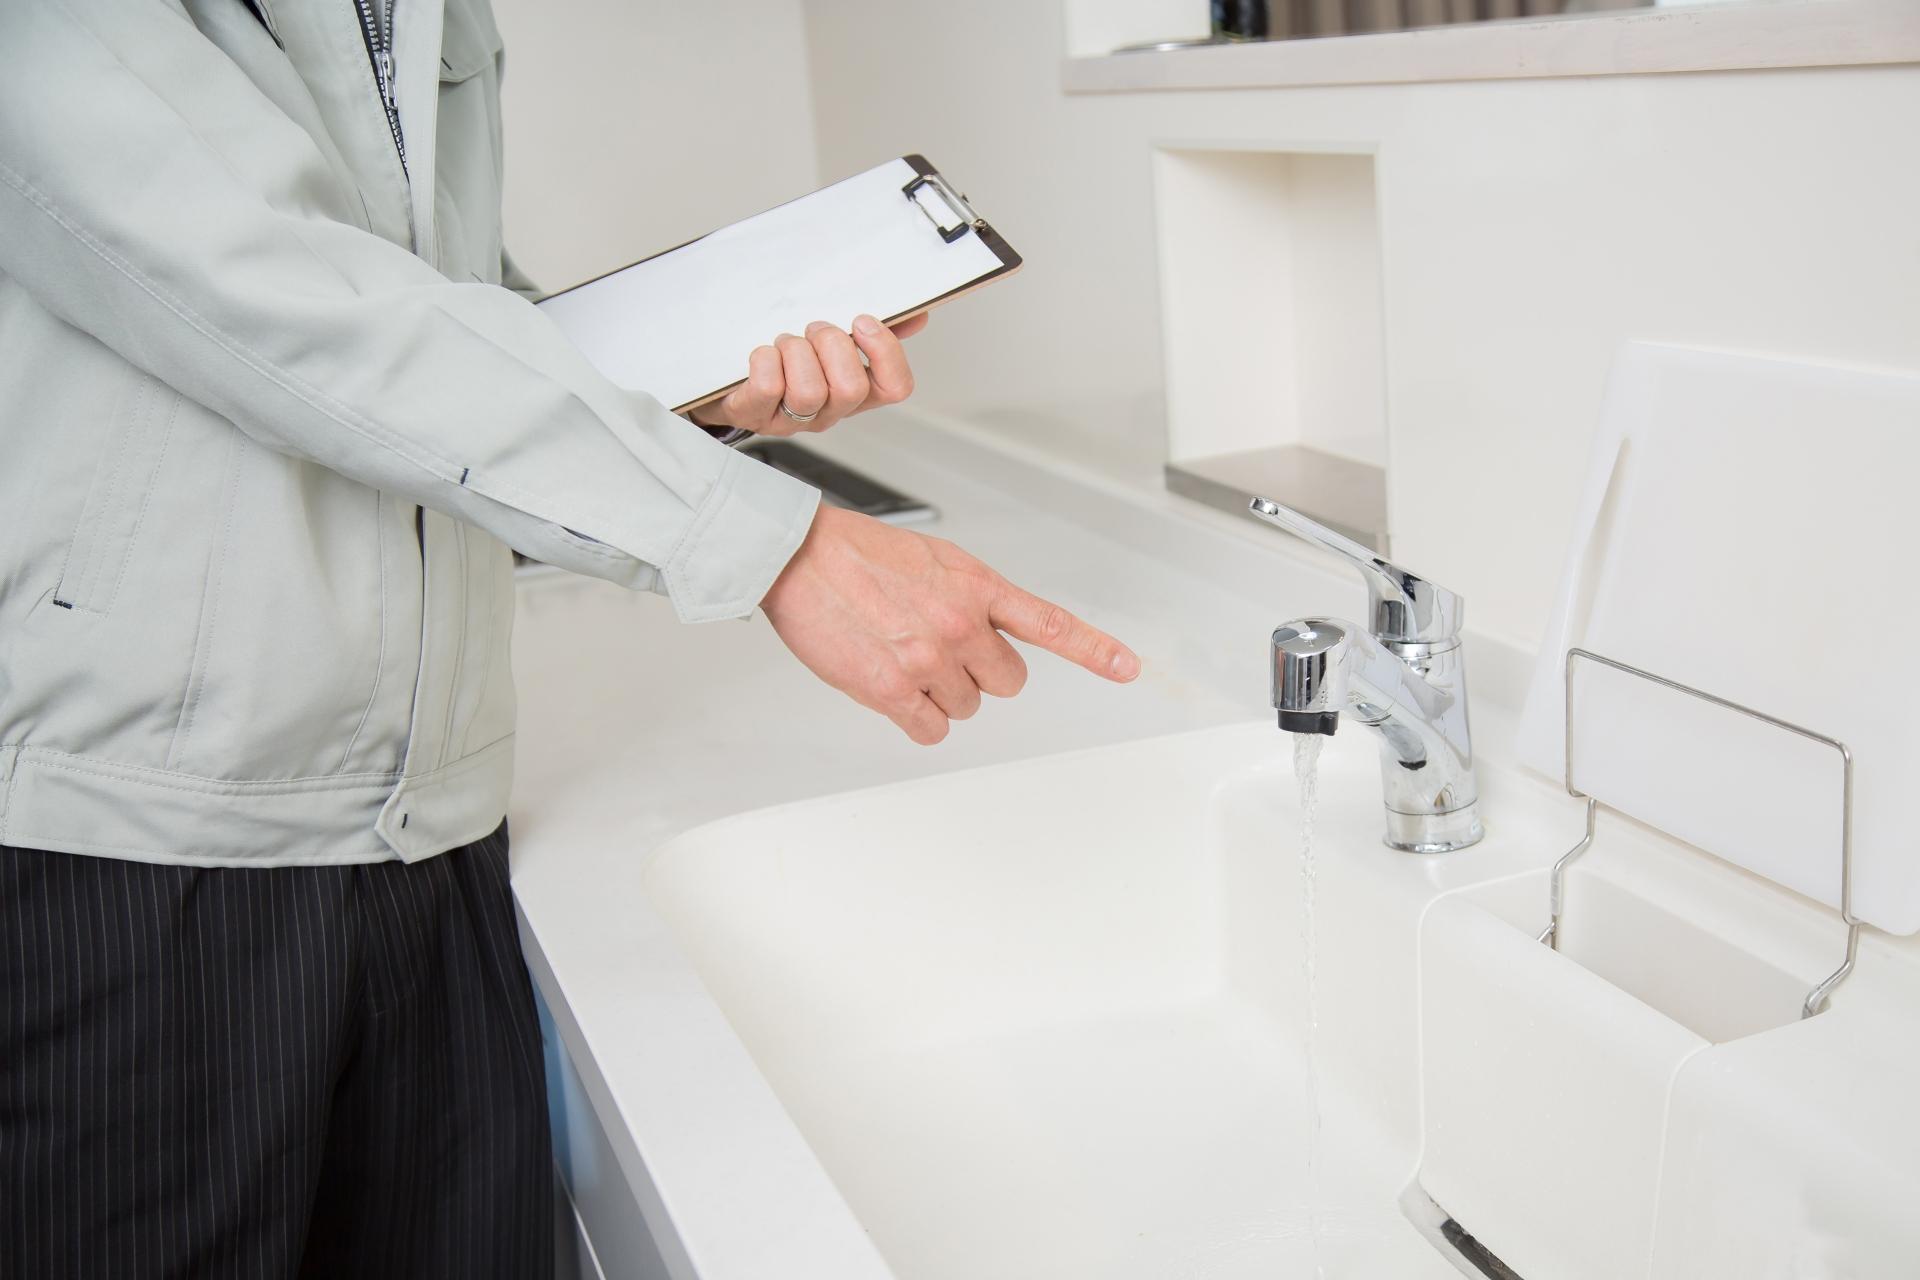 マンション 給水管調査